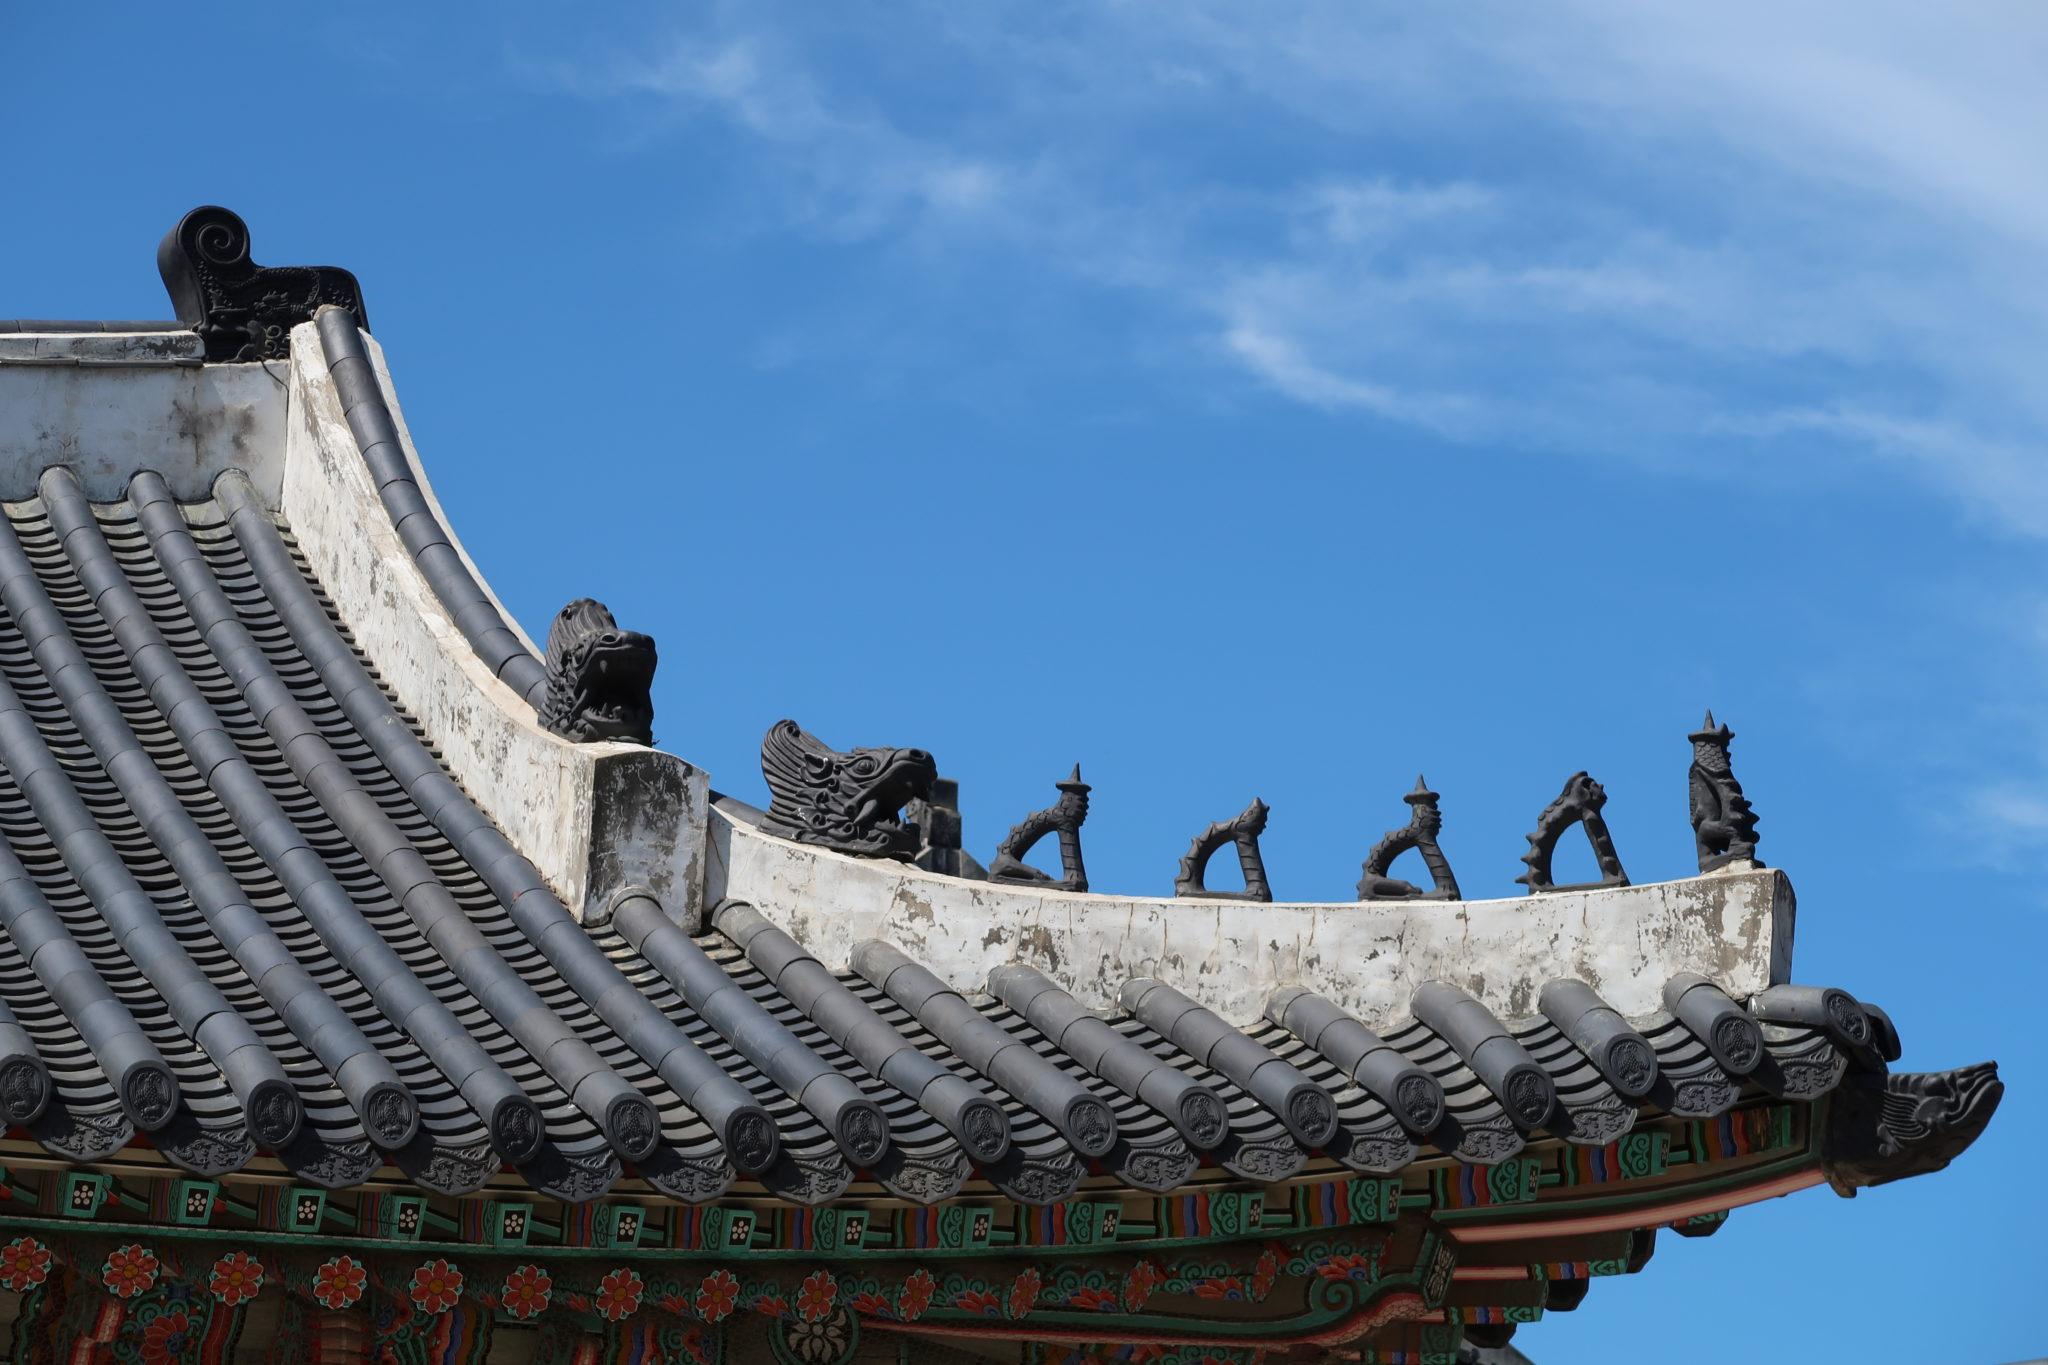 détails d'un toit du palais